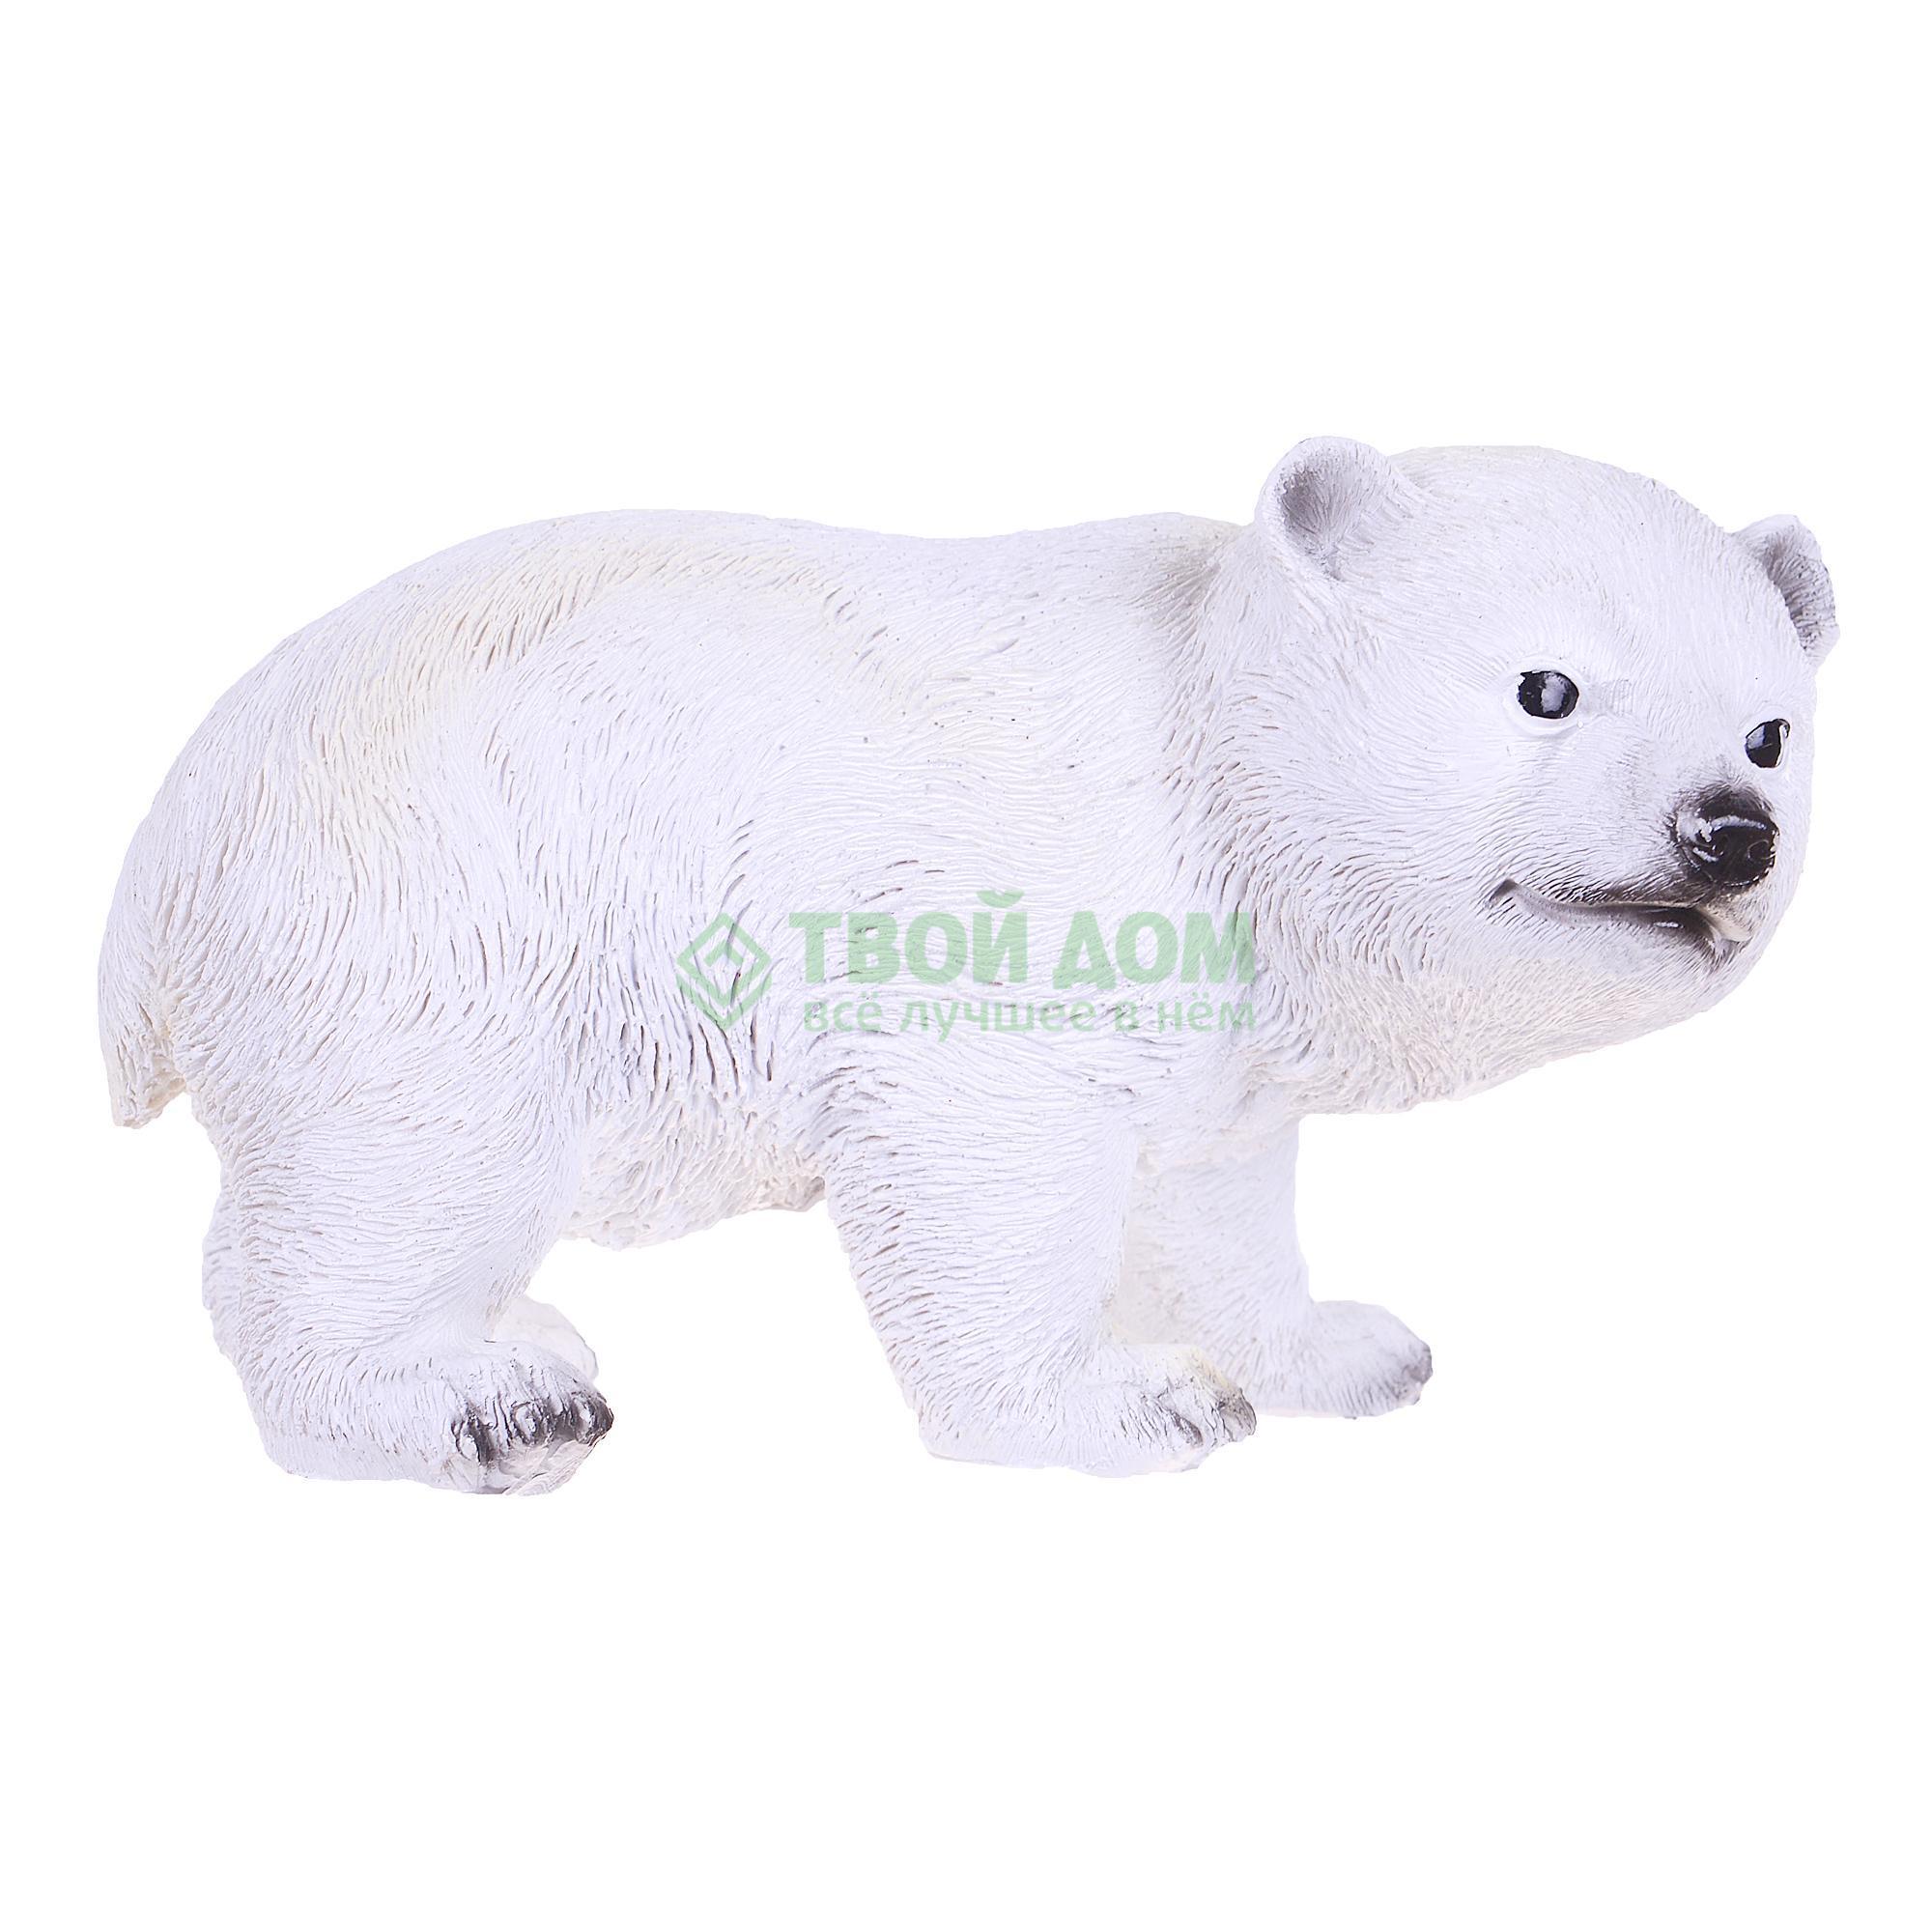 Фигурка Kaeming Полярный медведь 20см (534404)